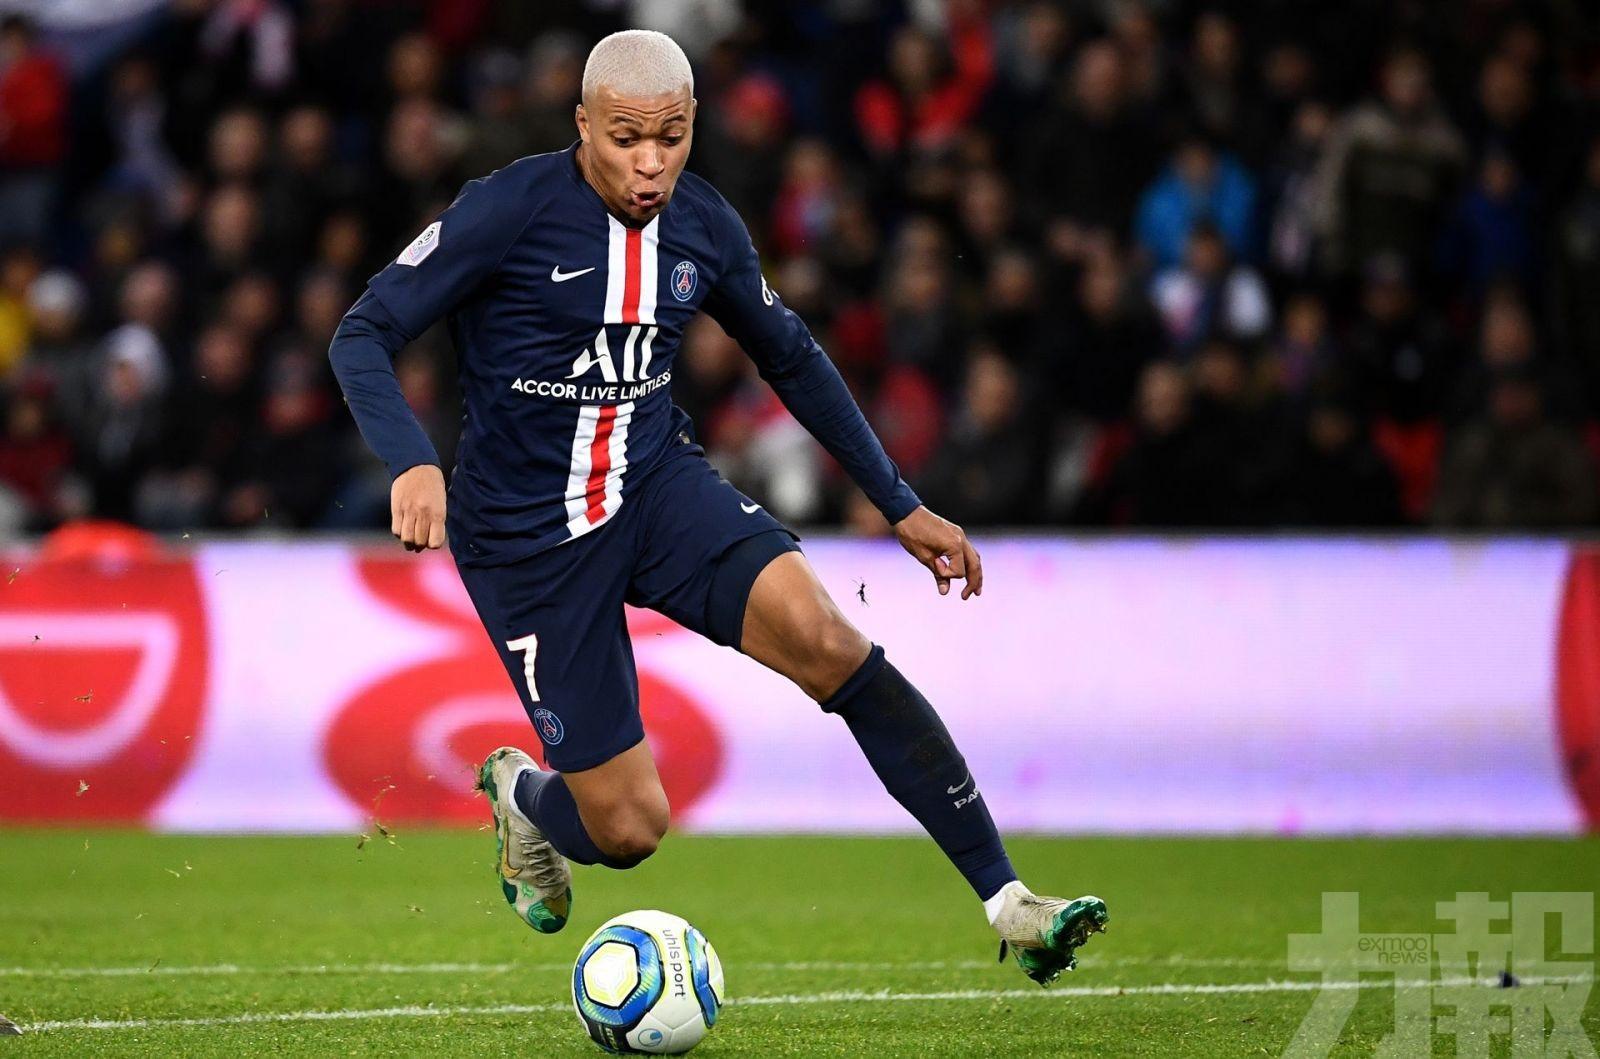 麥巴比「冧莊」獲法國足球先生殊榮